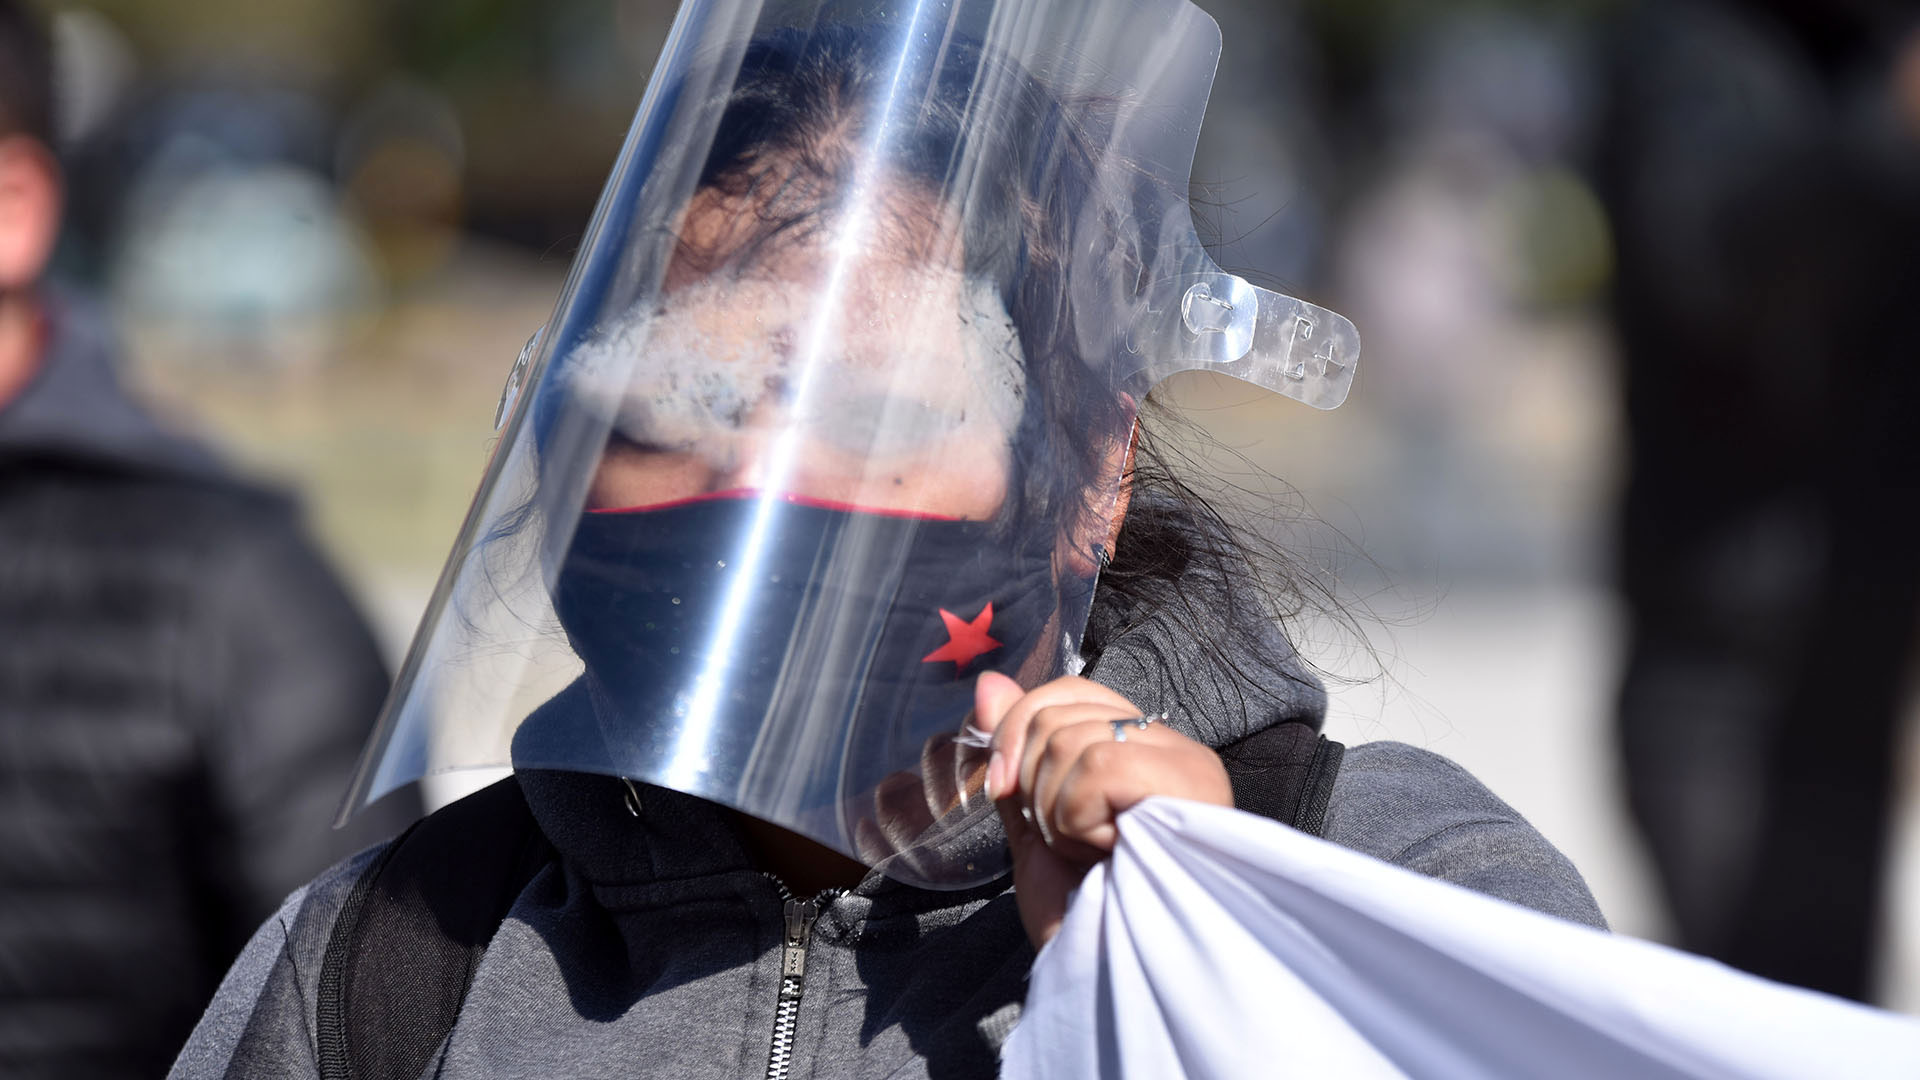 Otros manifestantes llevaron doble protección para reducir la posibilidad de contagio